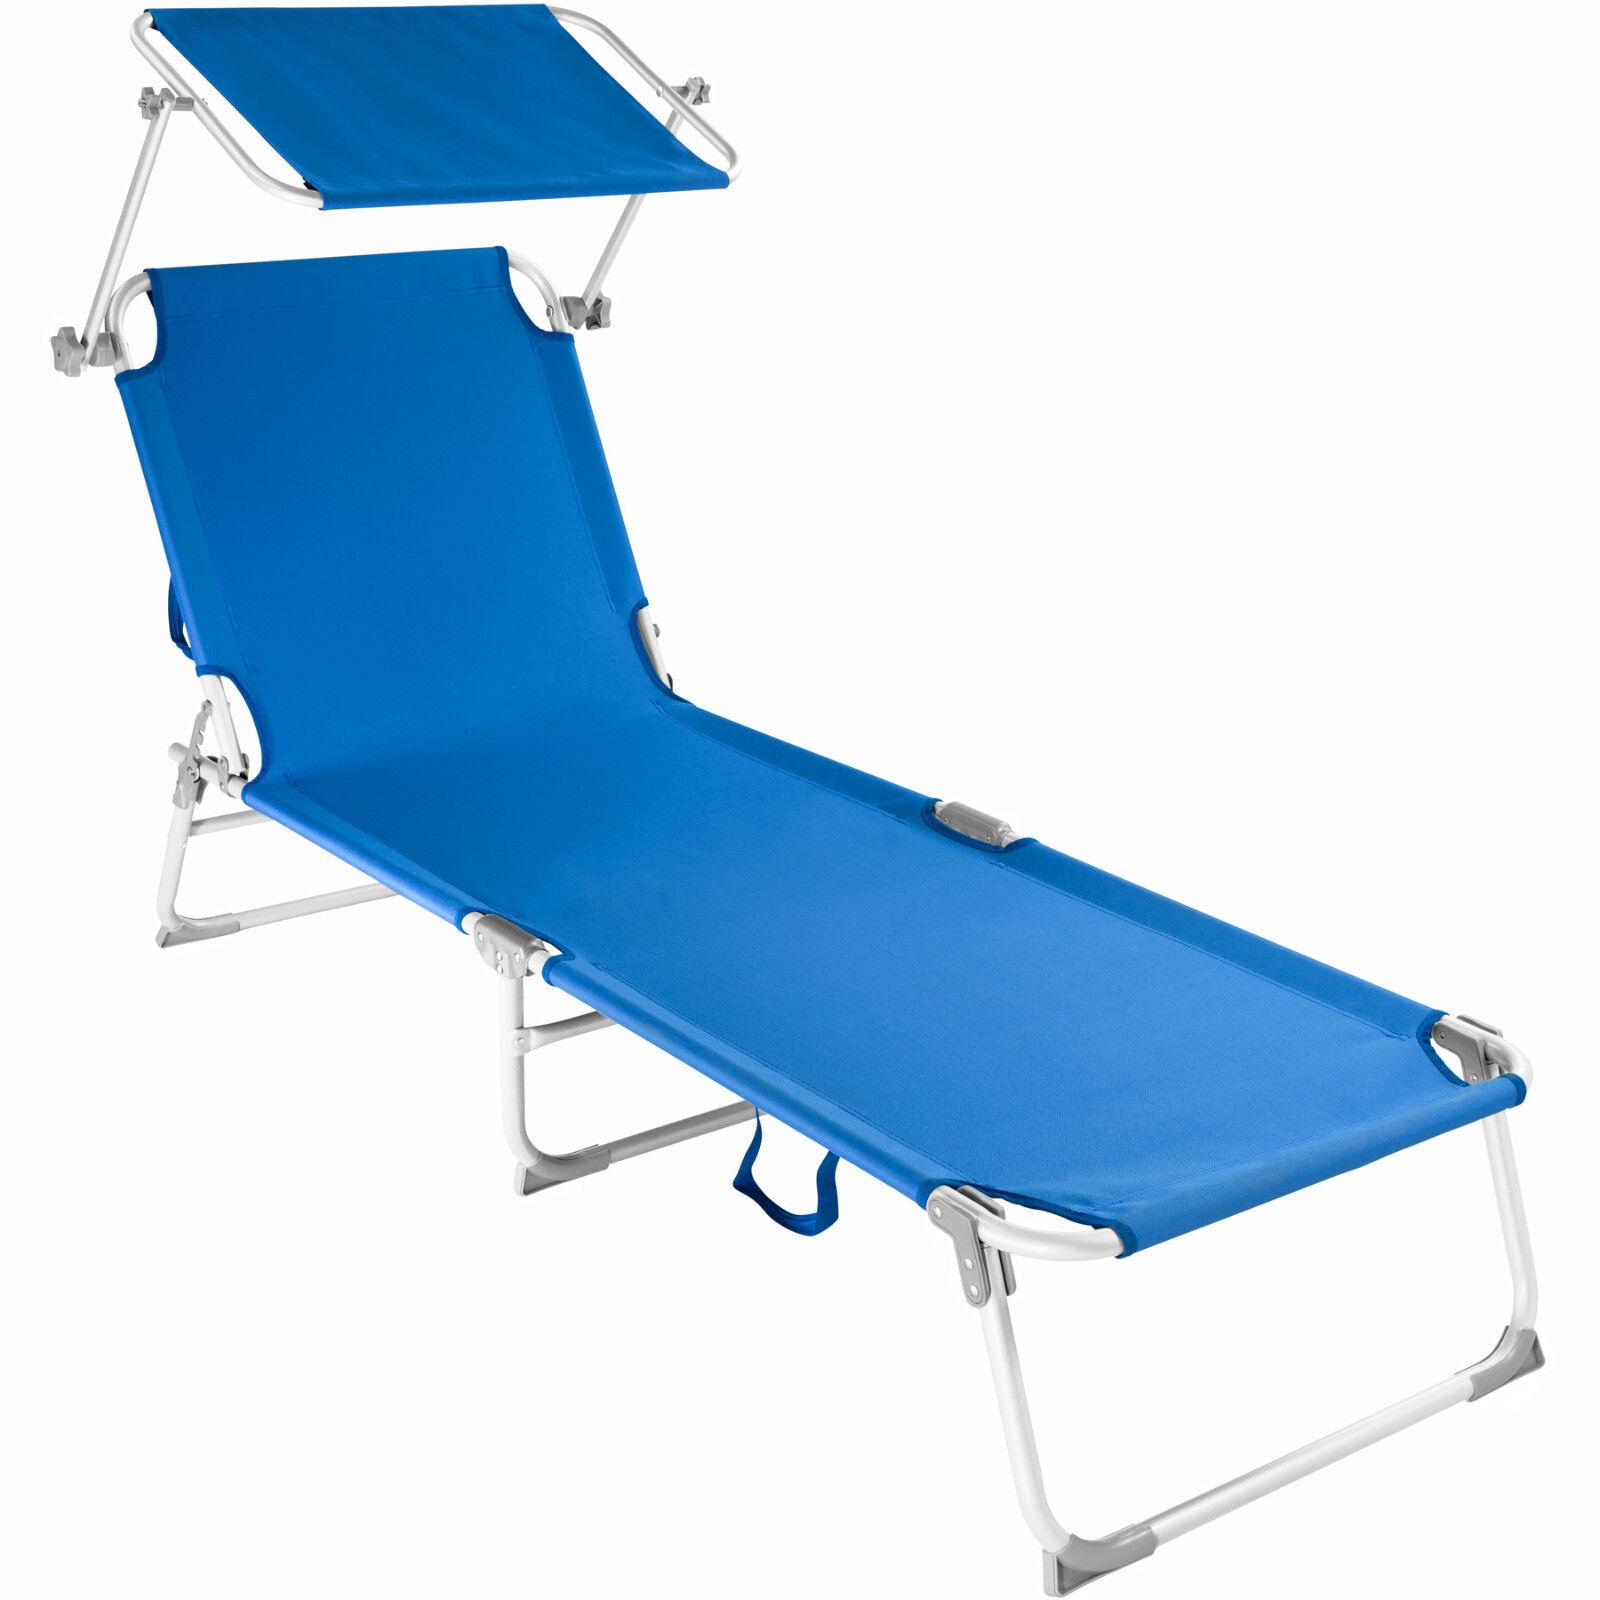 Alu Gartenliege Sonnenliege Liegestuhl Liege klappbar mit Dach 190cm blau